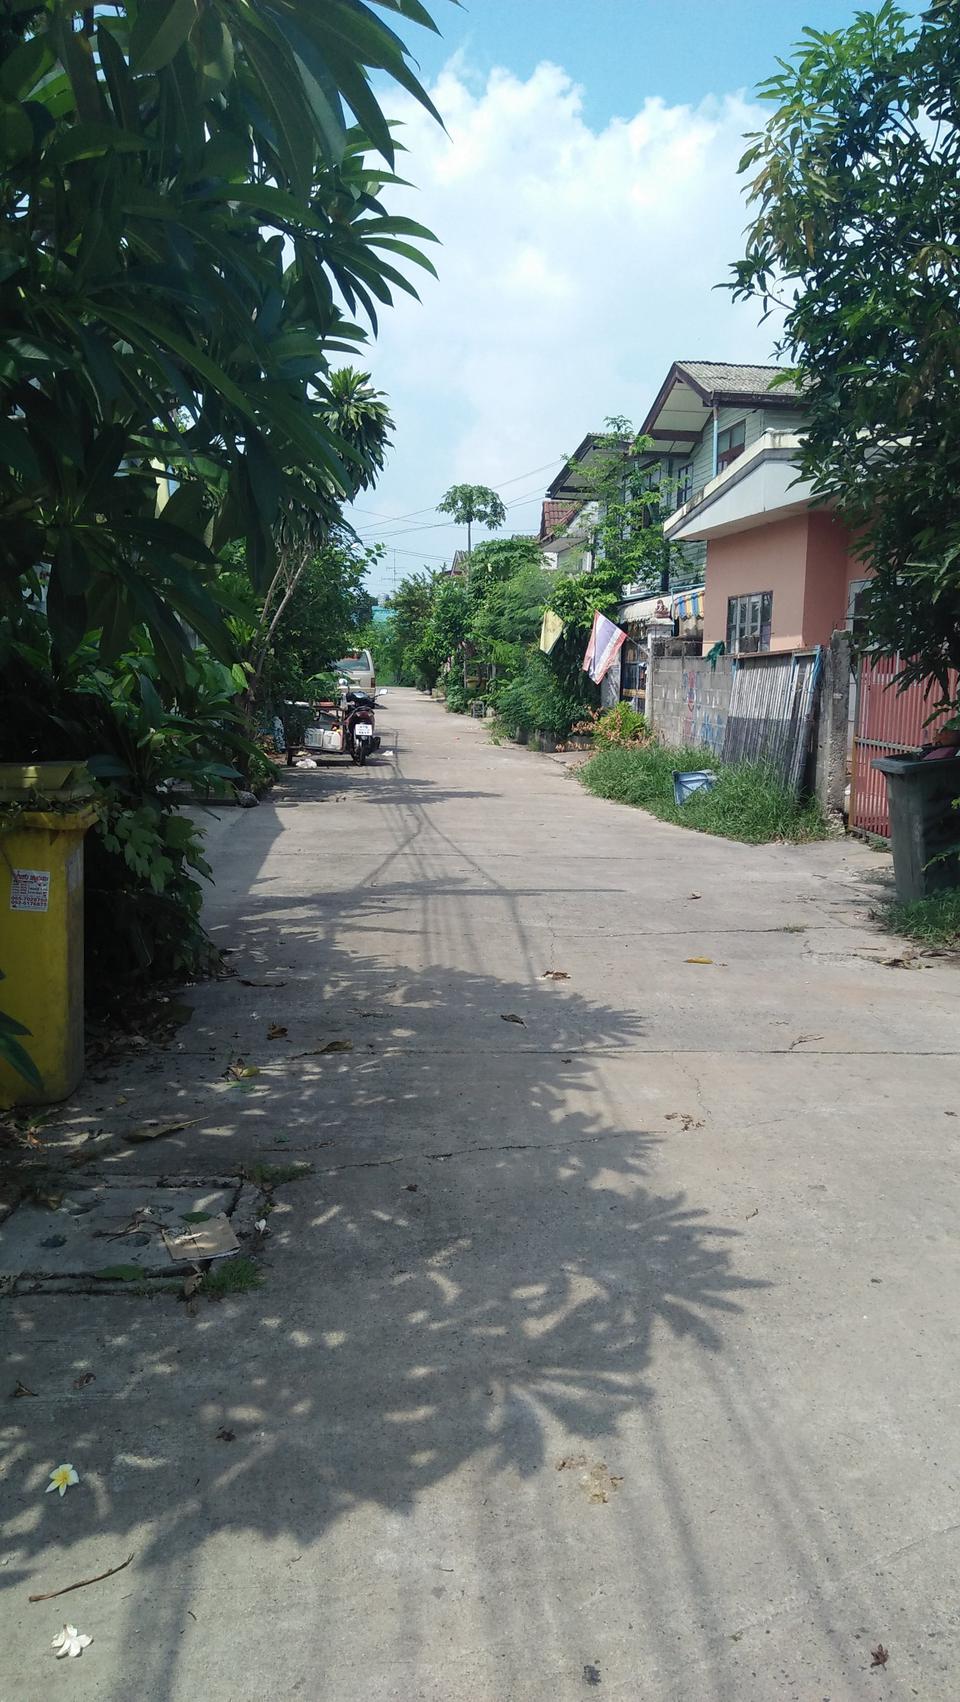 ขายบ้าน เนื้อที่ดิน 80 วา ย่าน หนามแดง-สำโรง ถนนเทพา รูปที่ 2